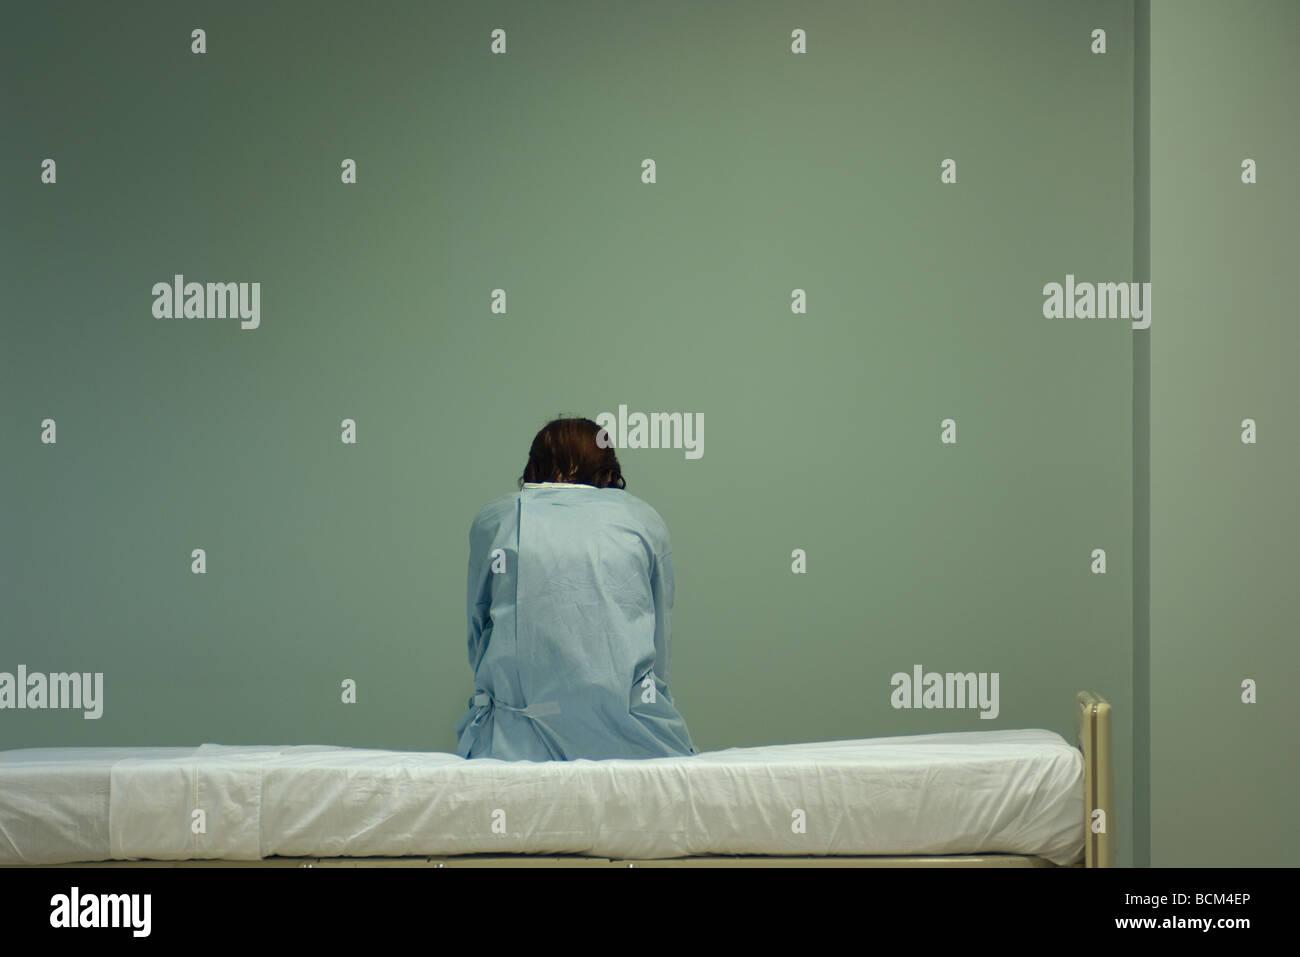 Paciente mujer sentada en la cama de un hospital, con la cabeza hacia abajo, vista trasera Imagen De Stock